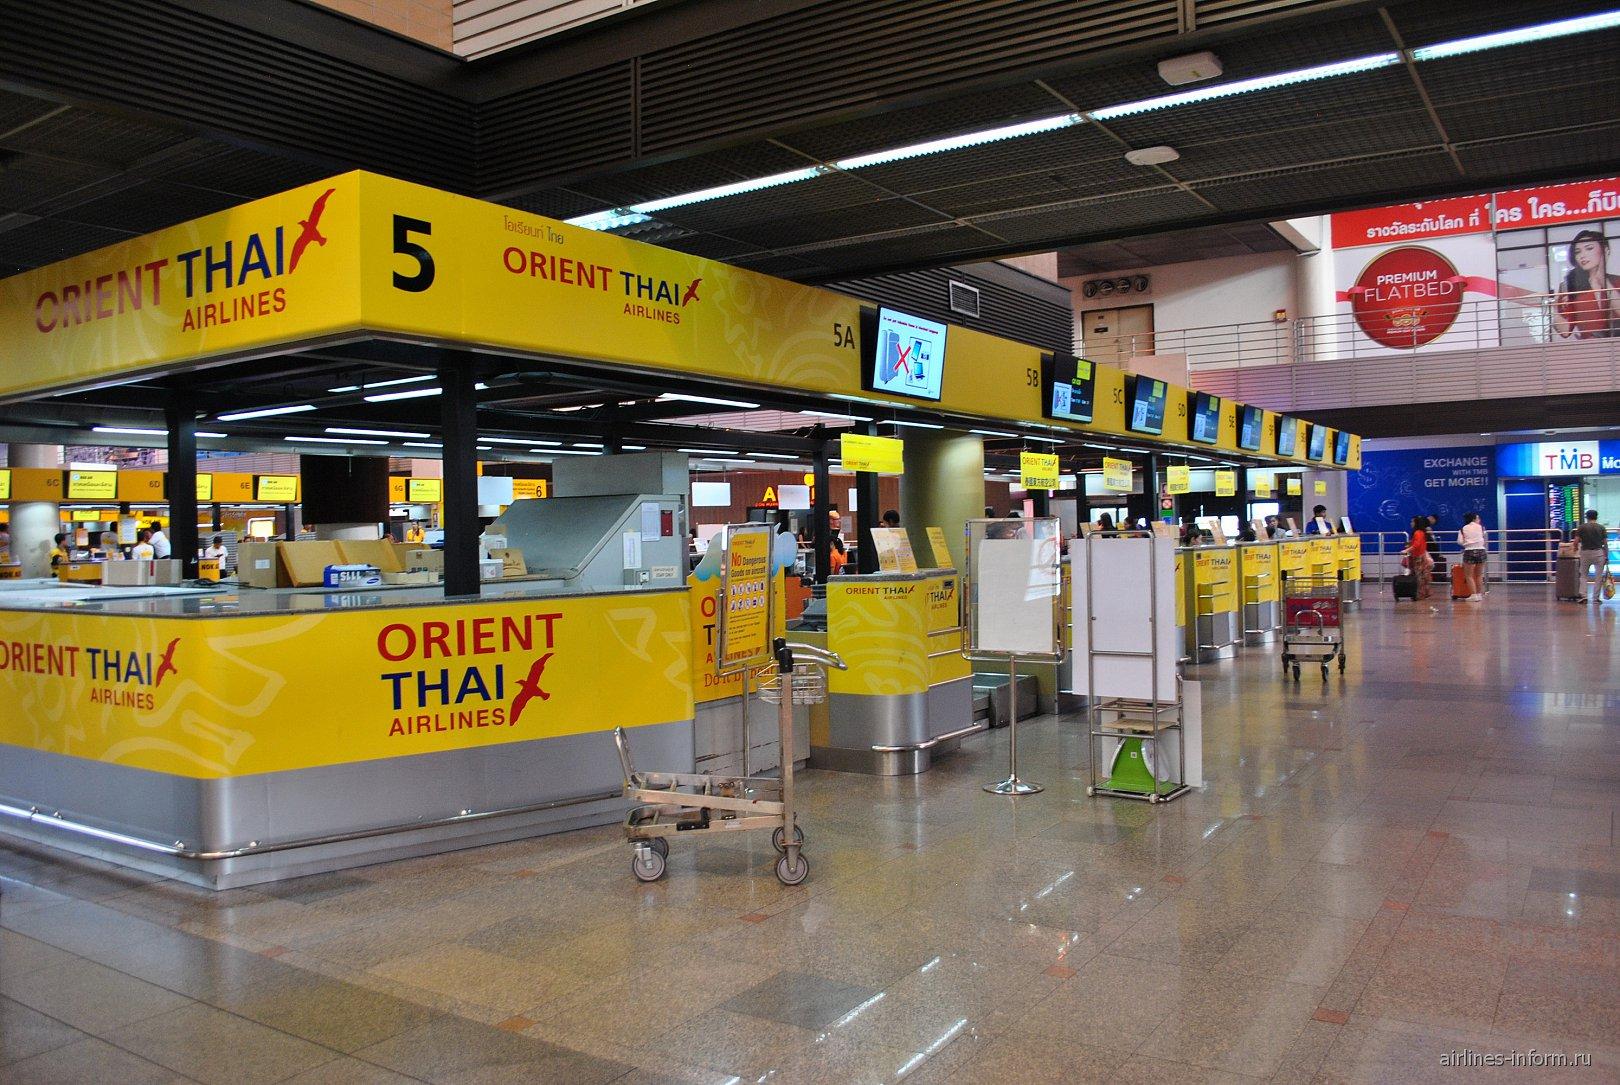 Стойки регистрации авиакомпании Orient Thai Airlines в аэропорту Бангкок Дон Муанг